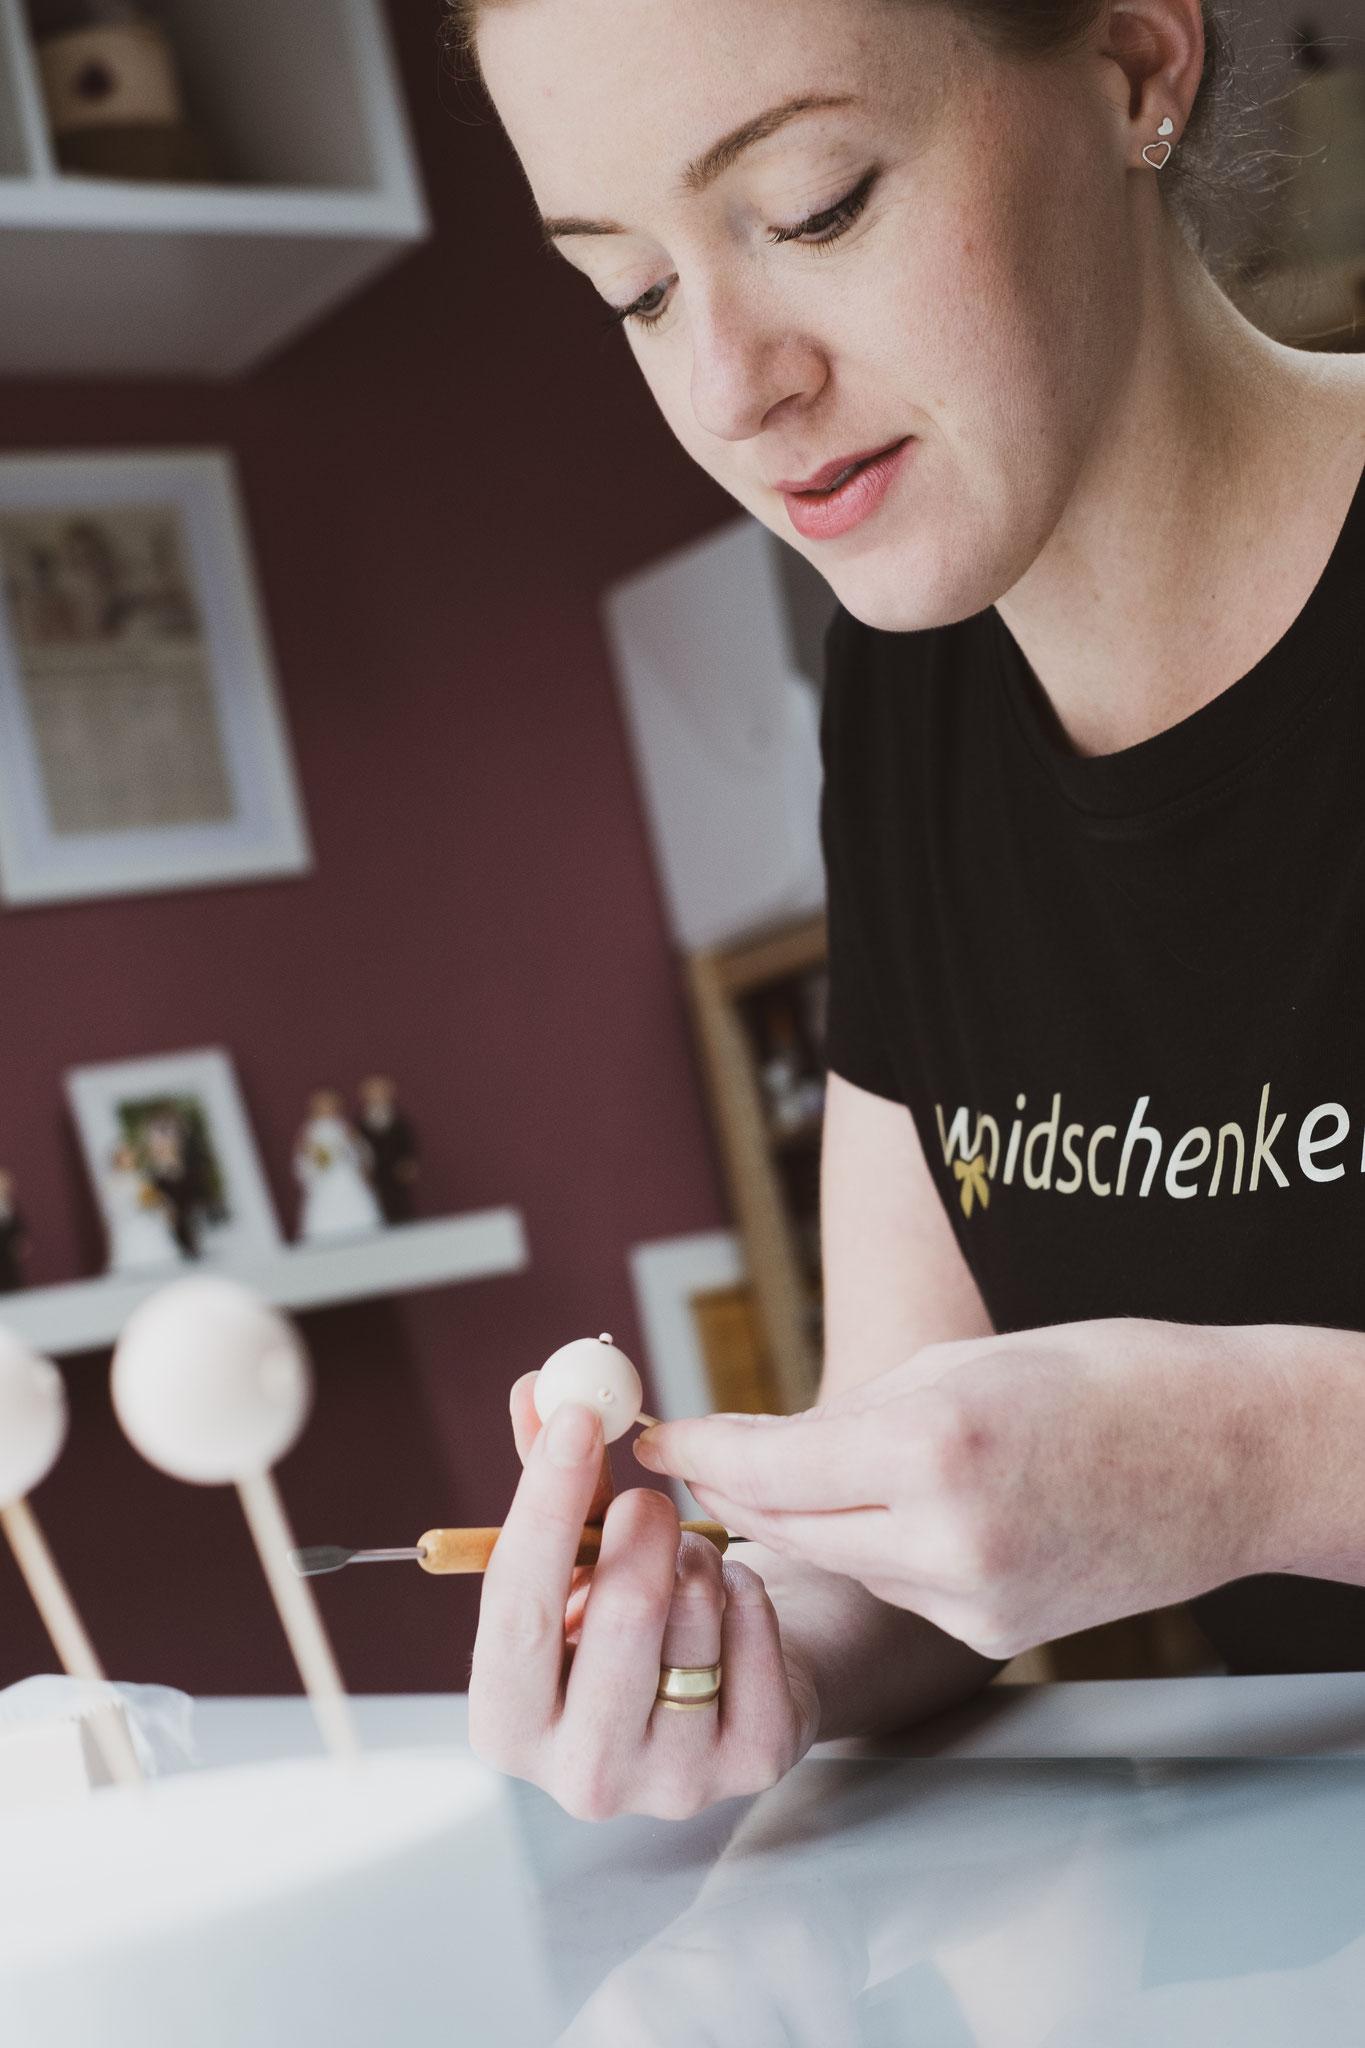 ...Handarbeit gefertigte Unikate.